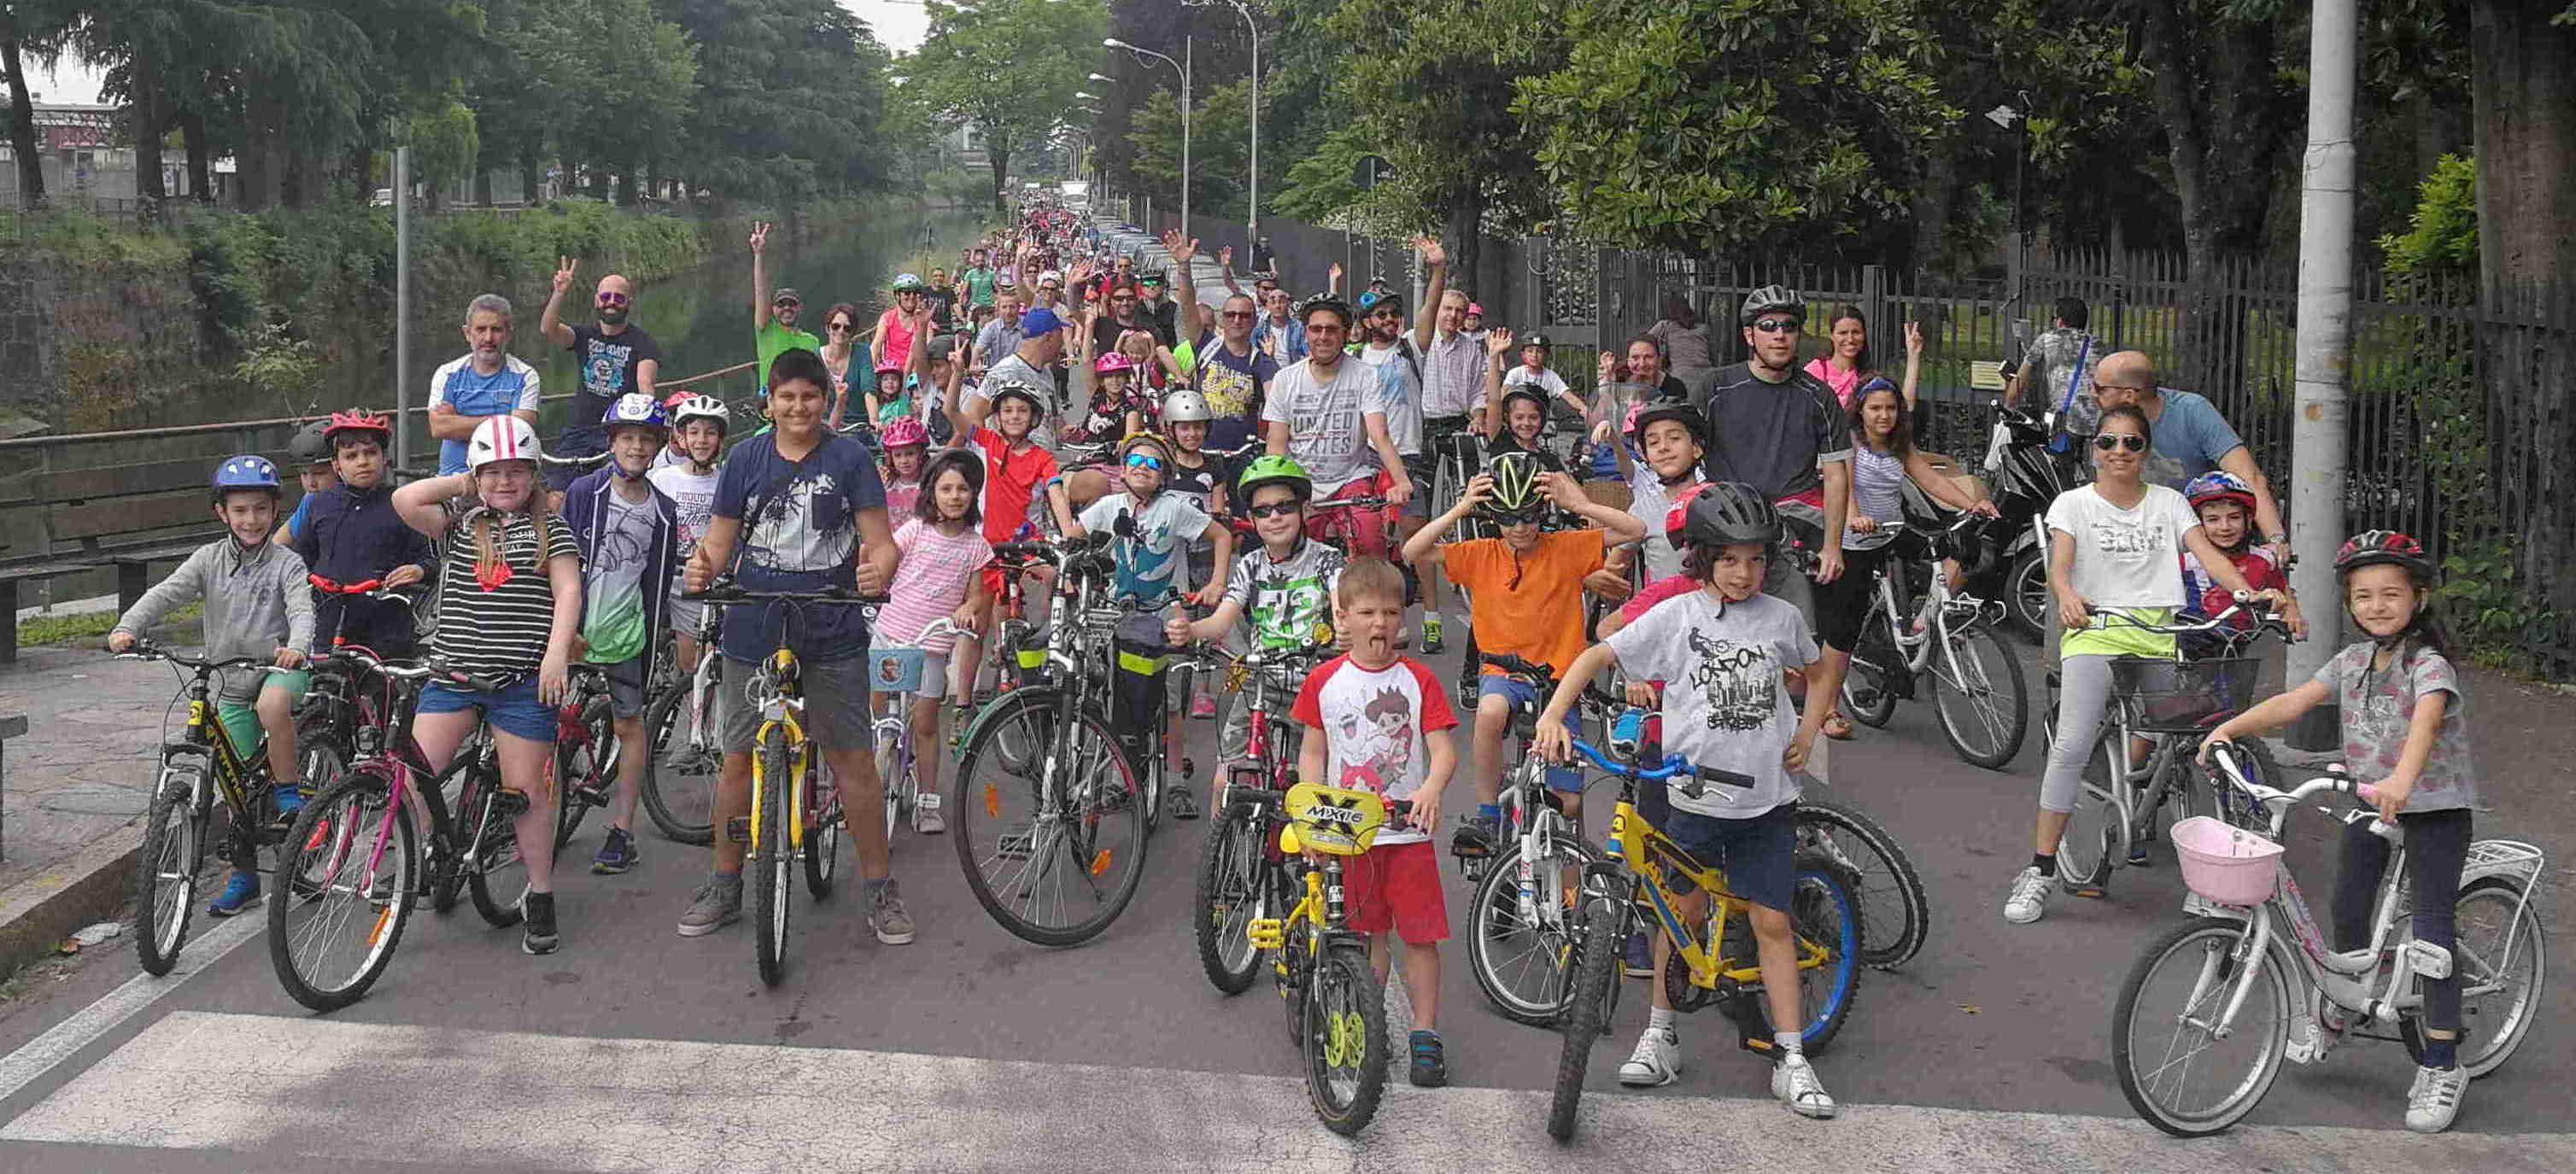 La carica dei bimbi in bici: una grande festa per le famiglie